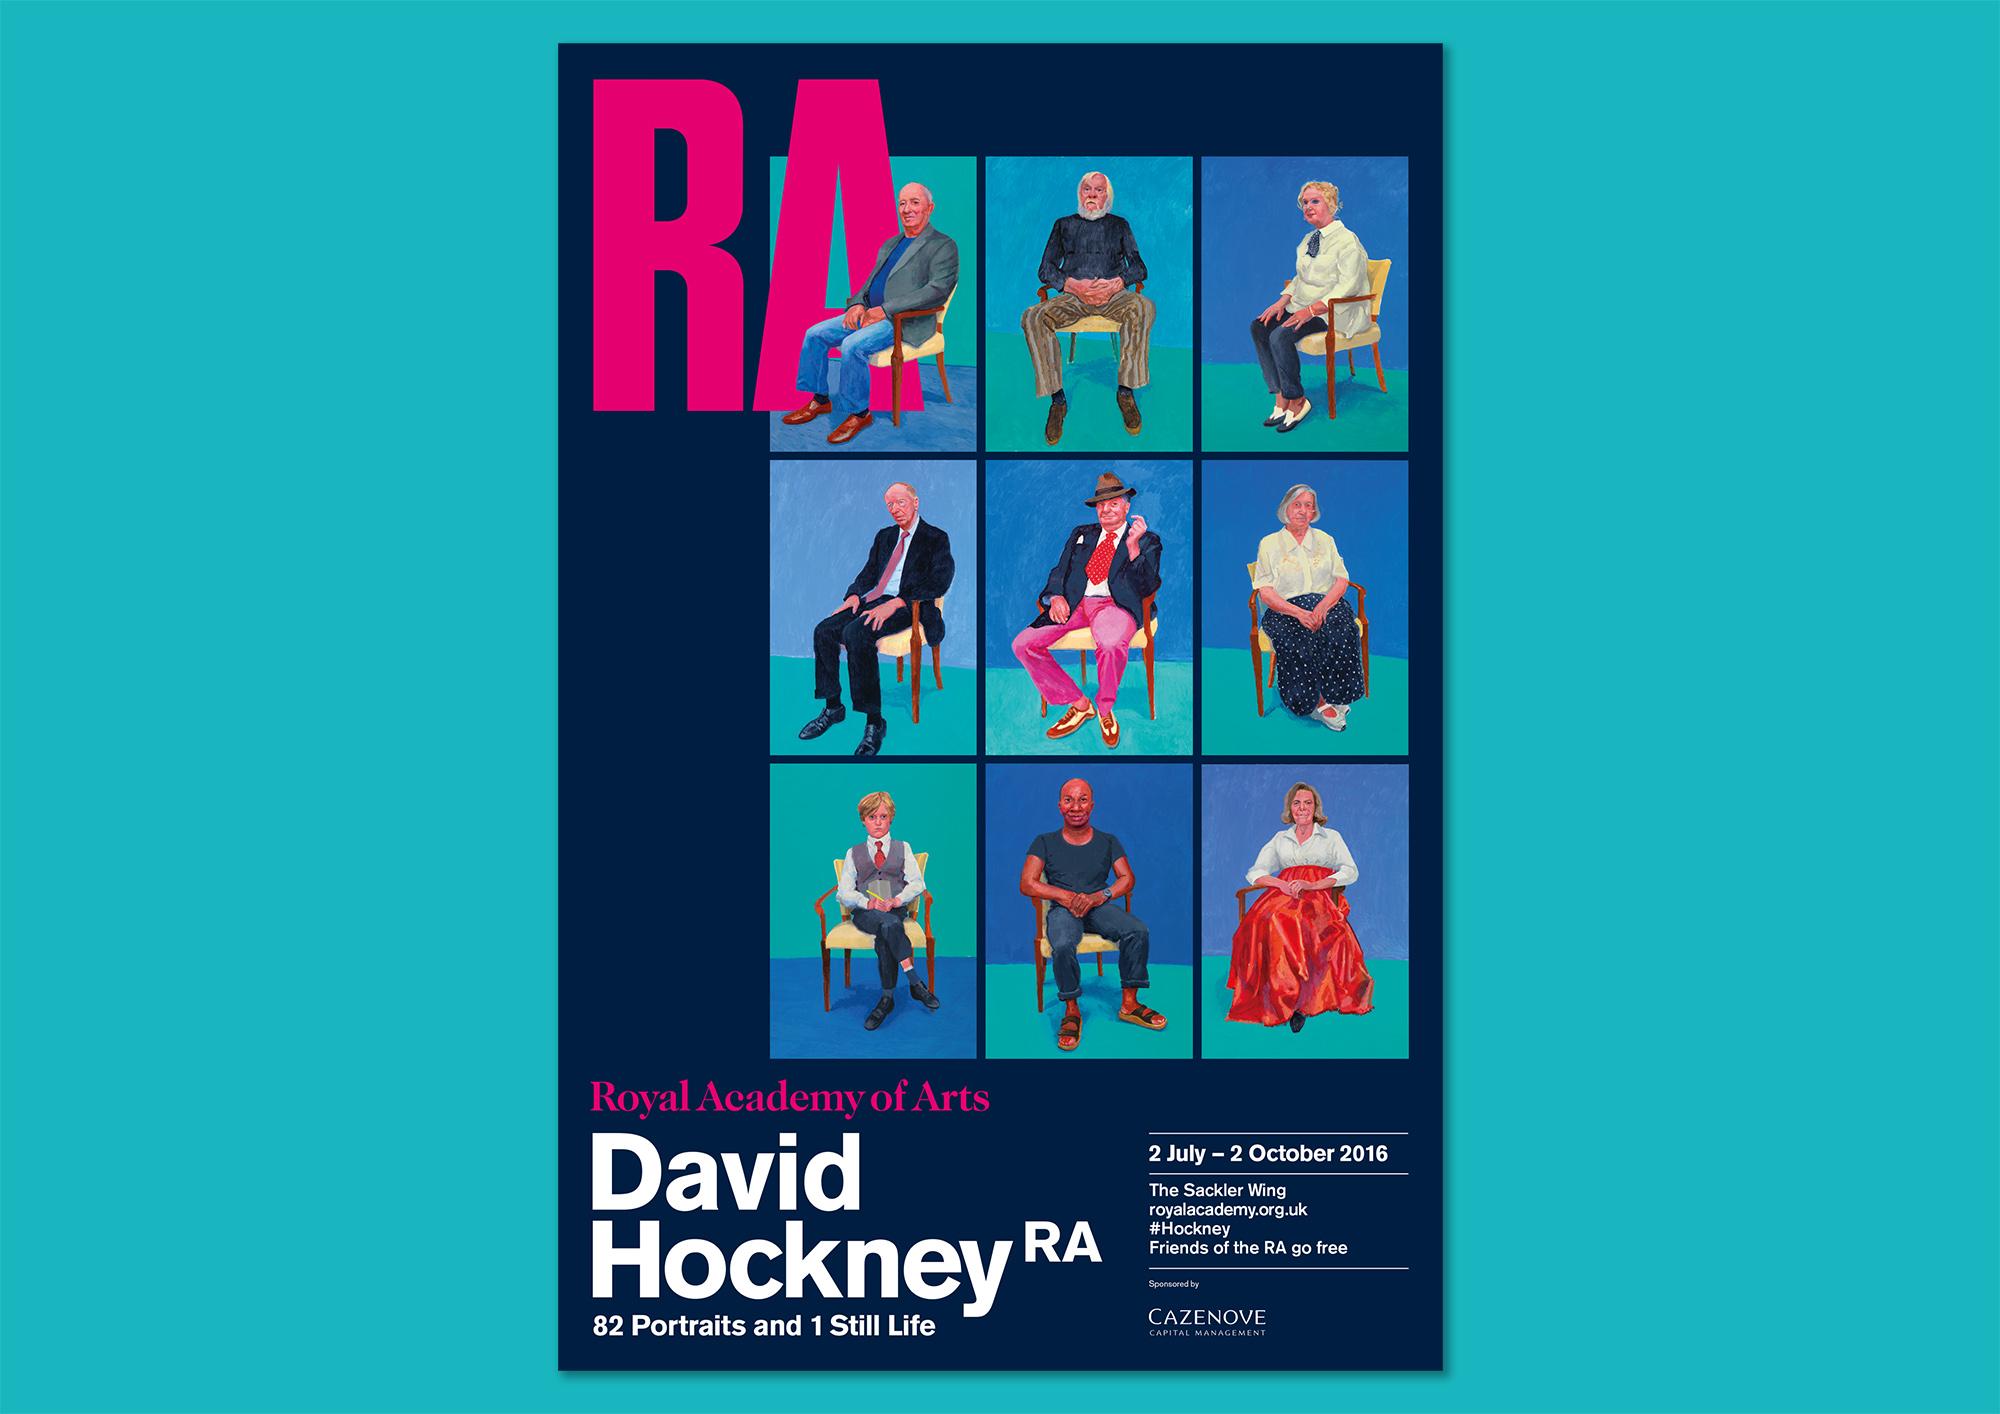 B-Hockney